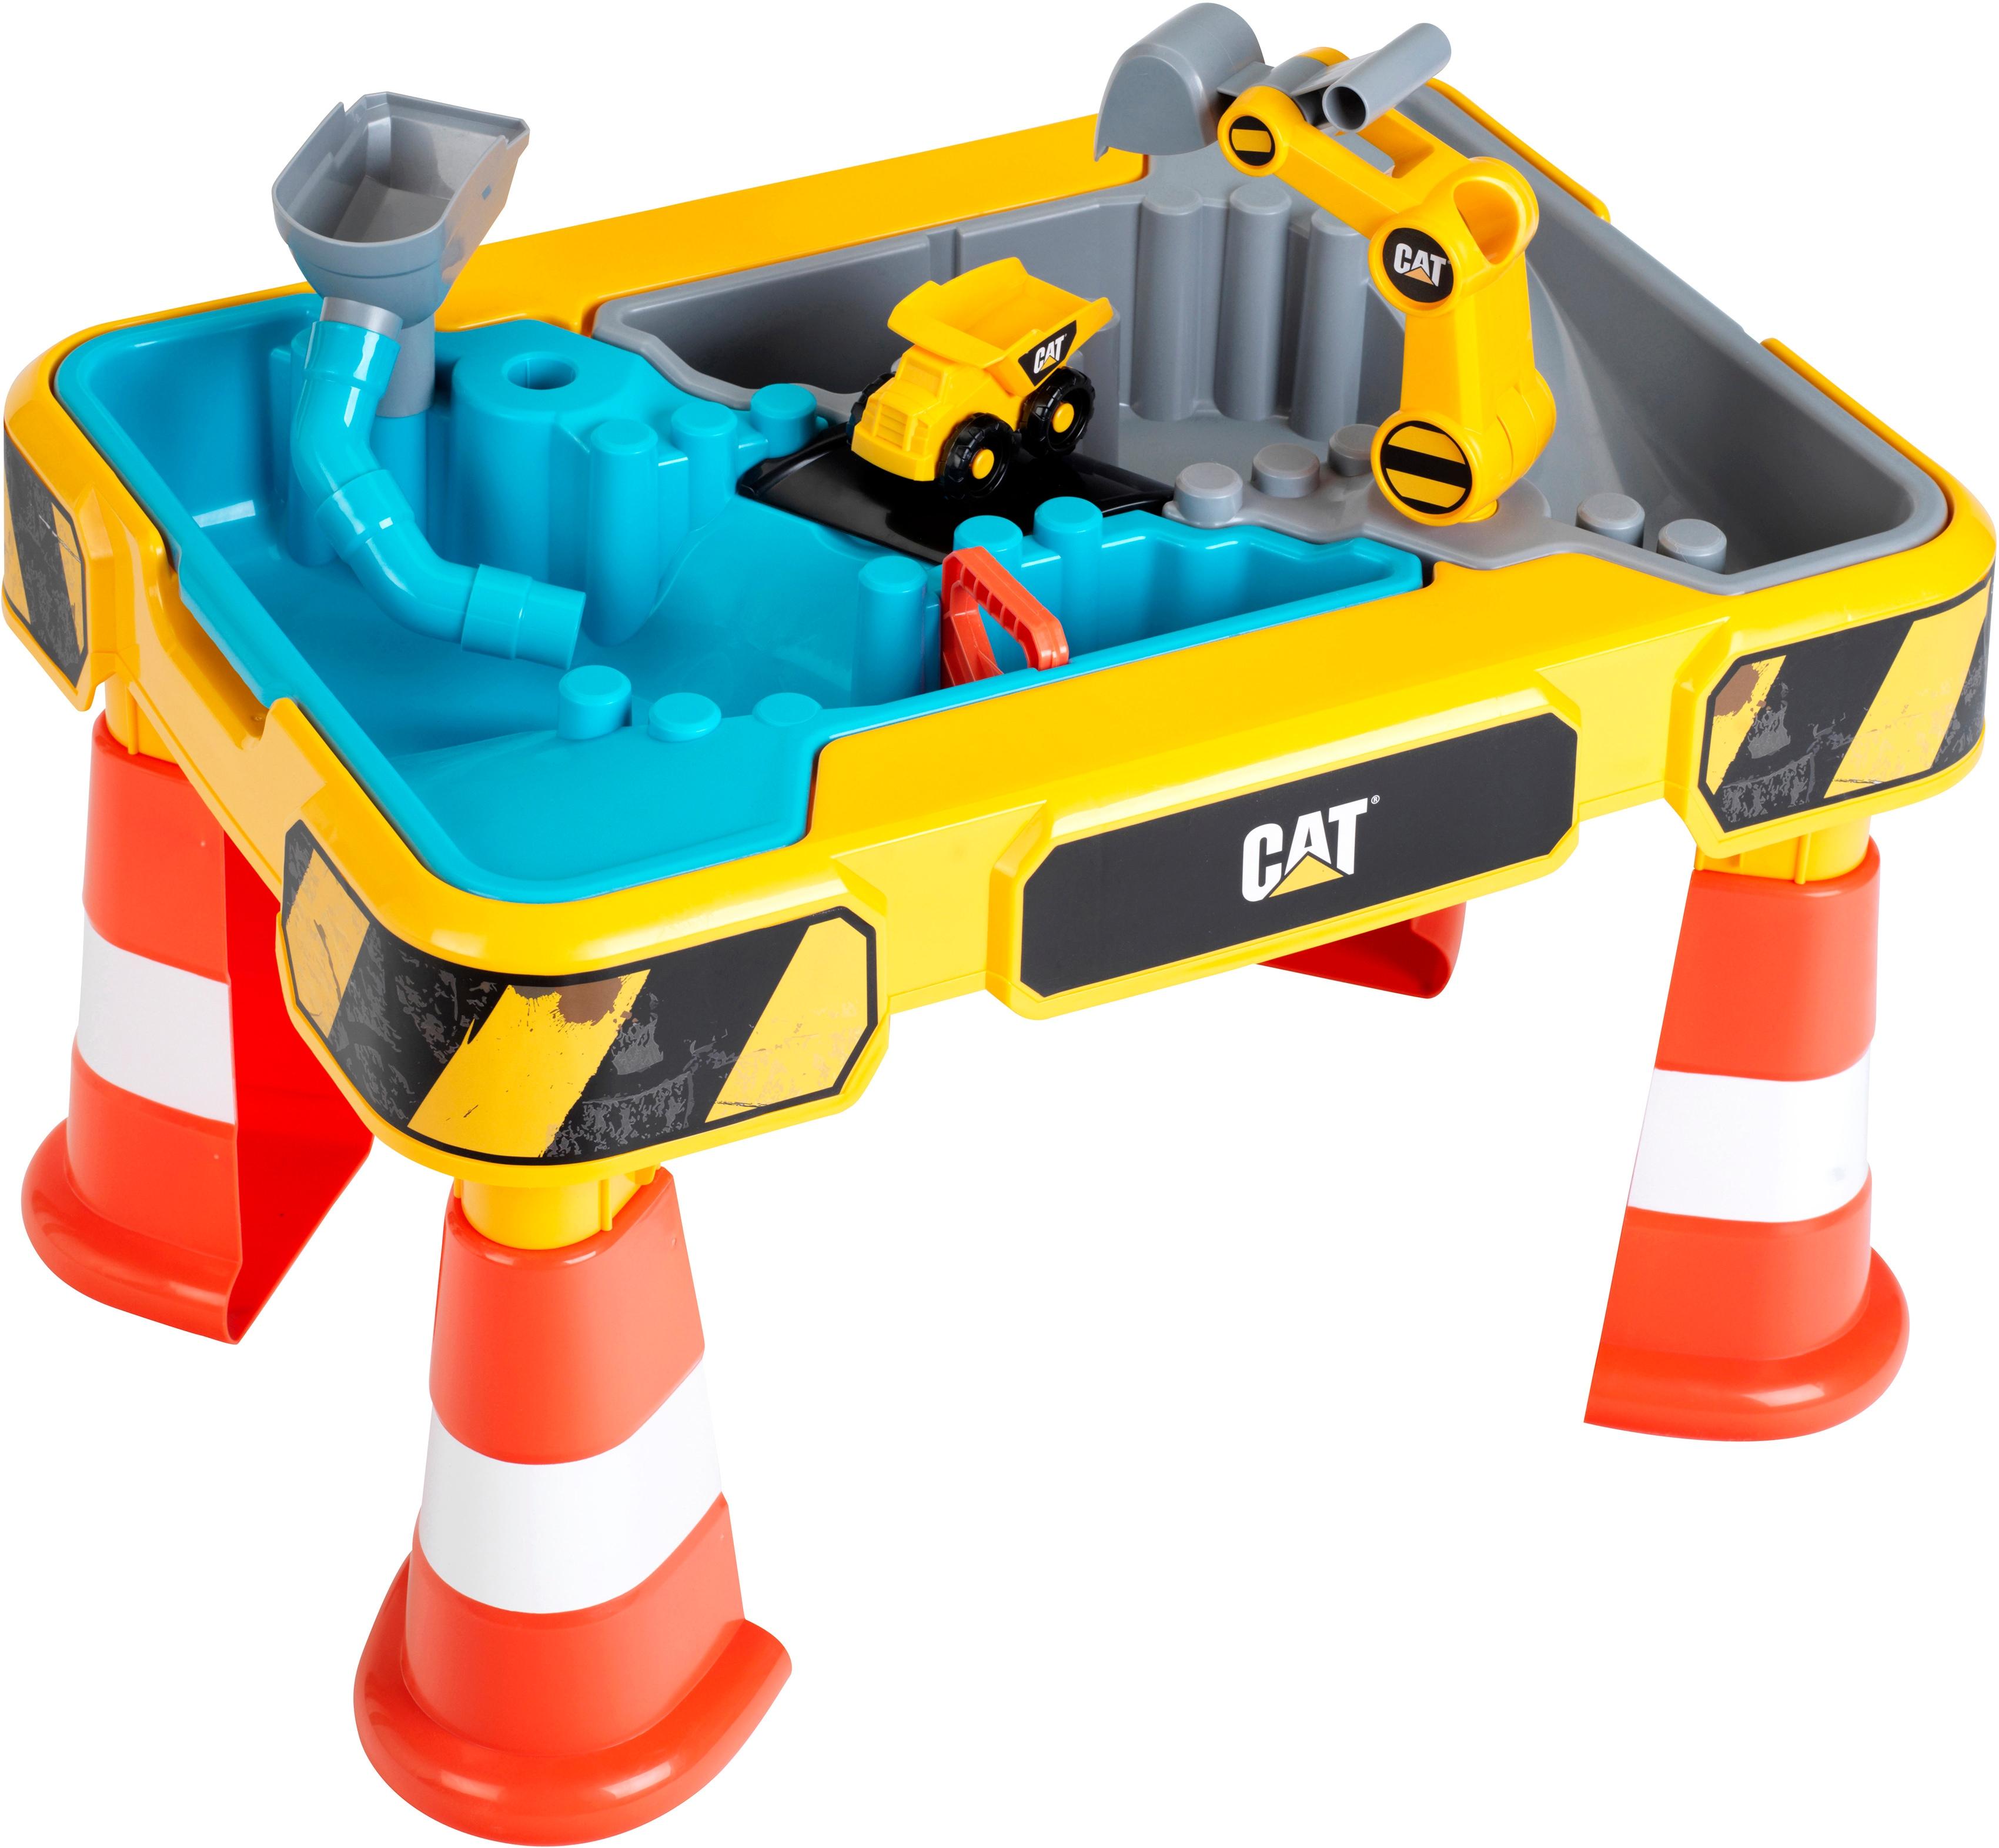 Klein Spieltisch CAT, Sand- und Wasser bunt Kinder Sandkiste Sandspielzeug Outdoor-Spielzeug Spieltische